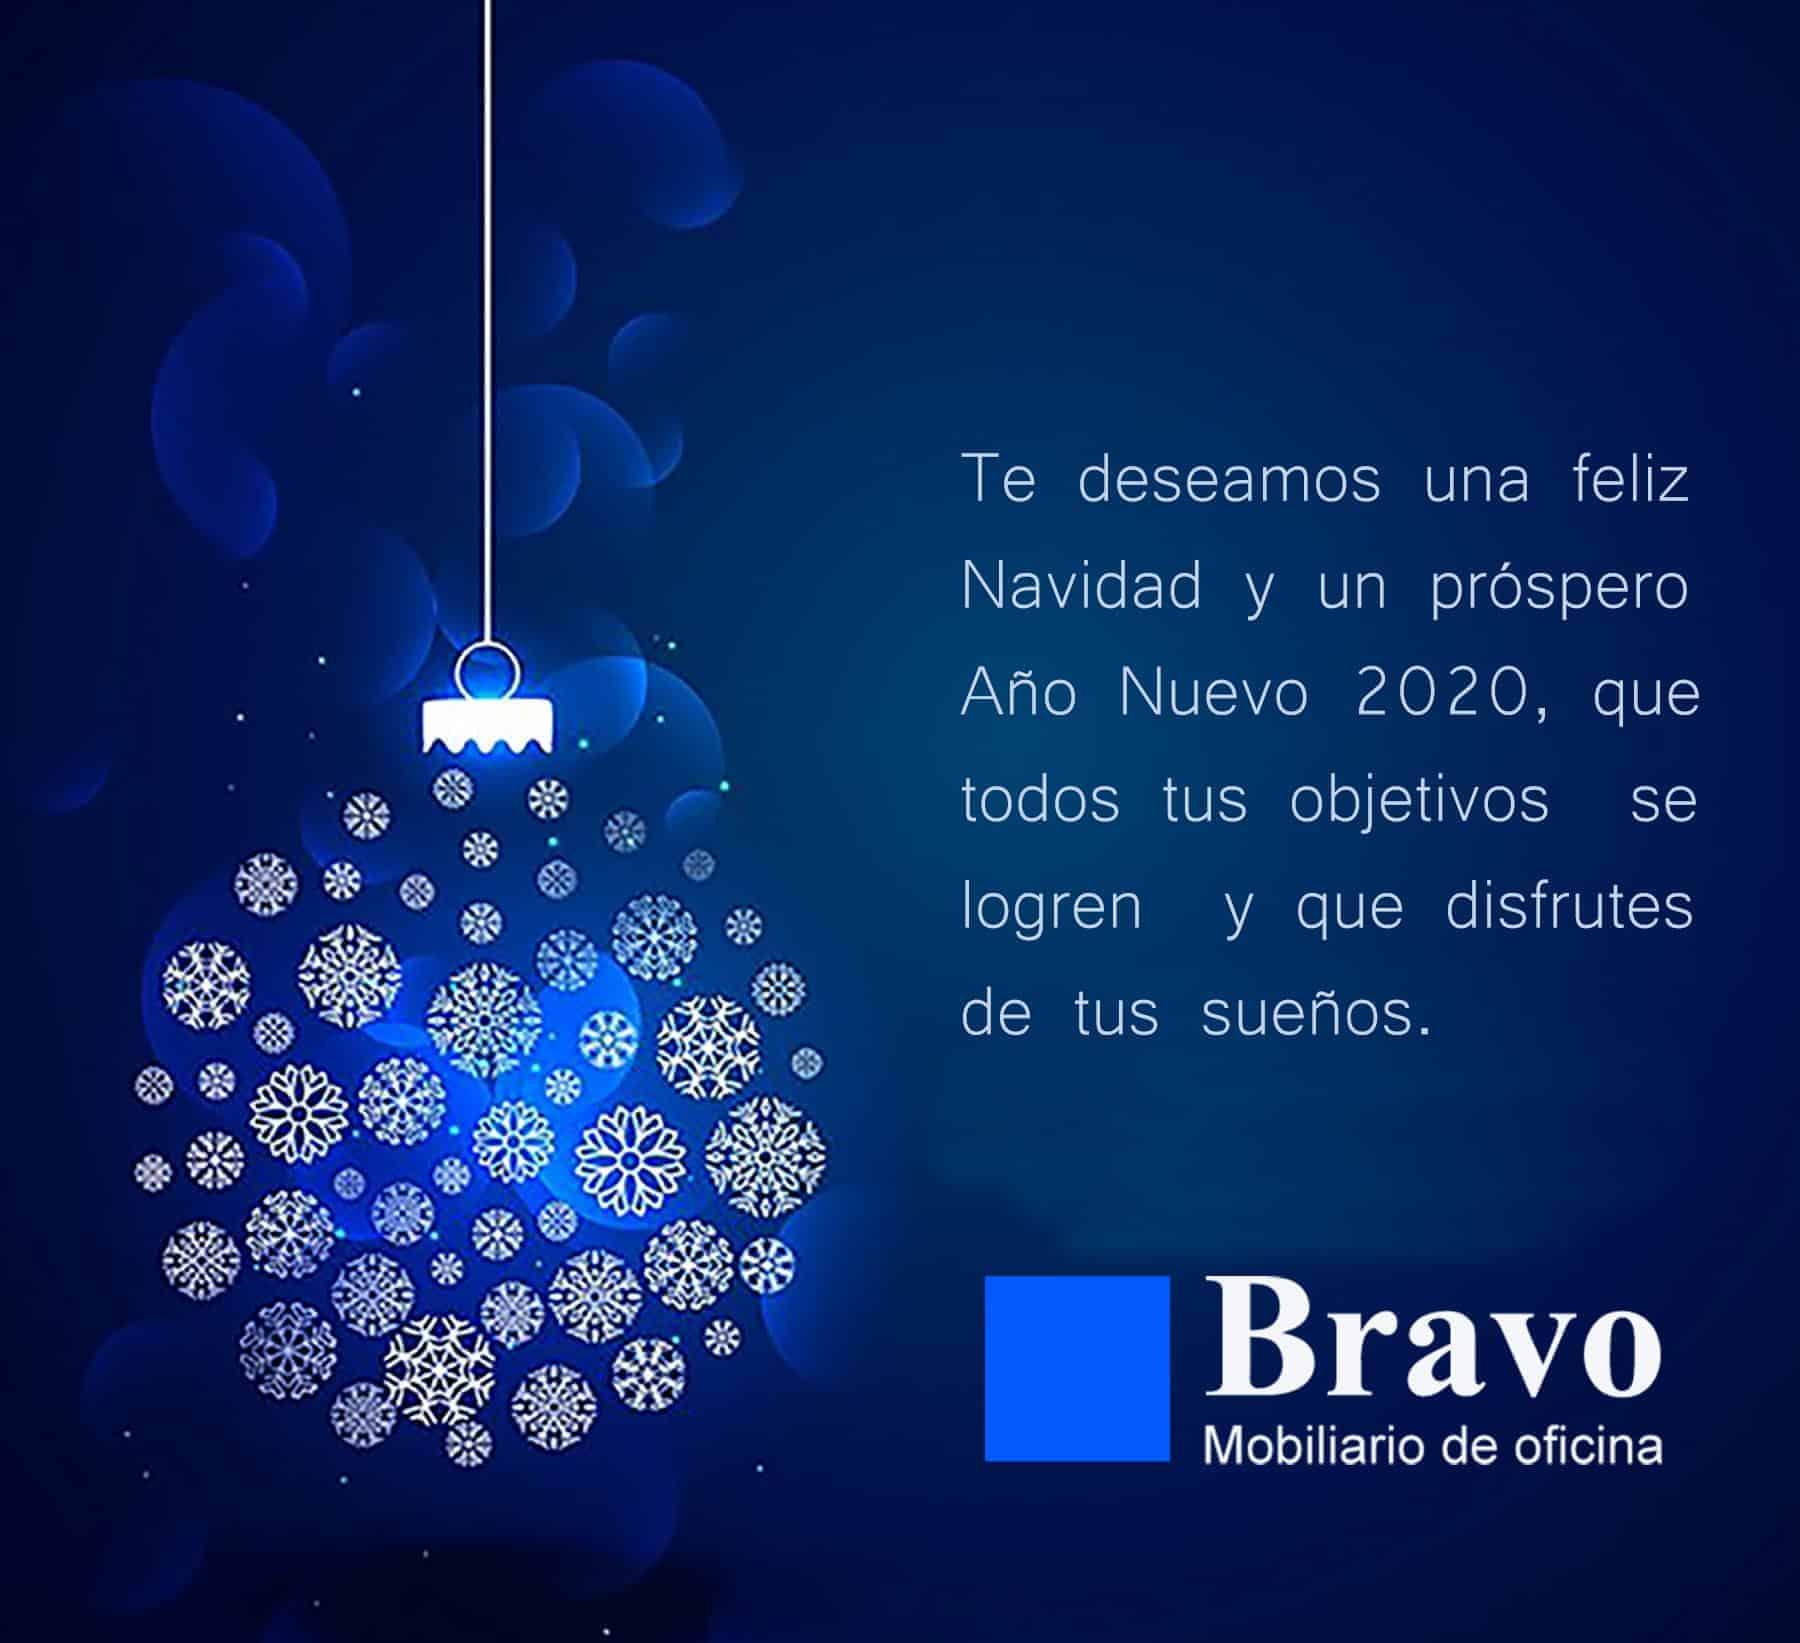 Bravo os desea Feliz Navidad